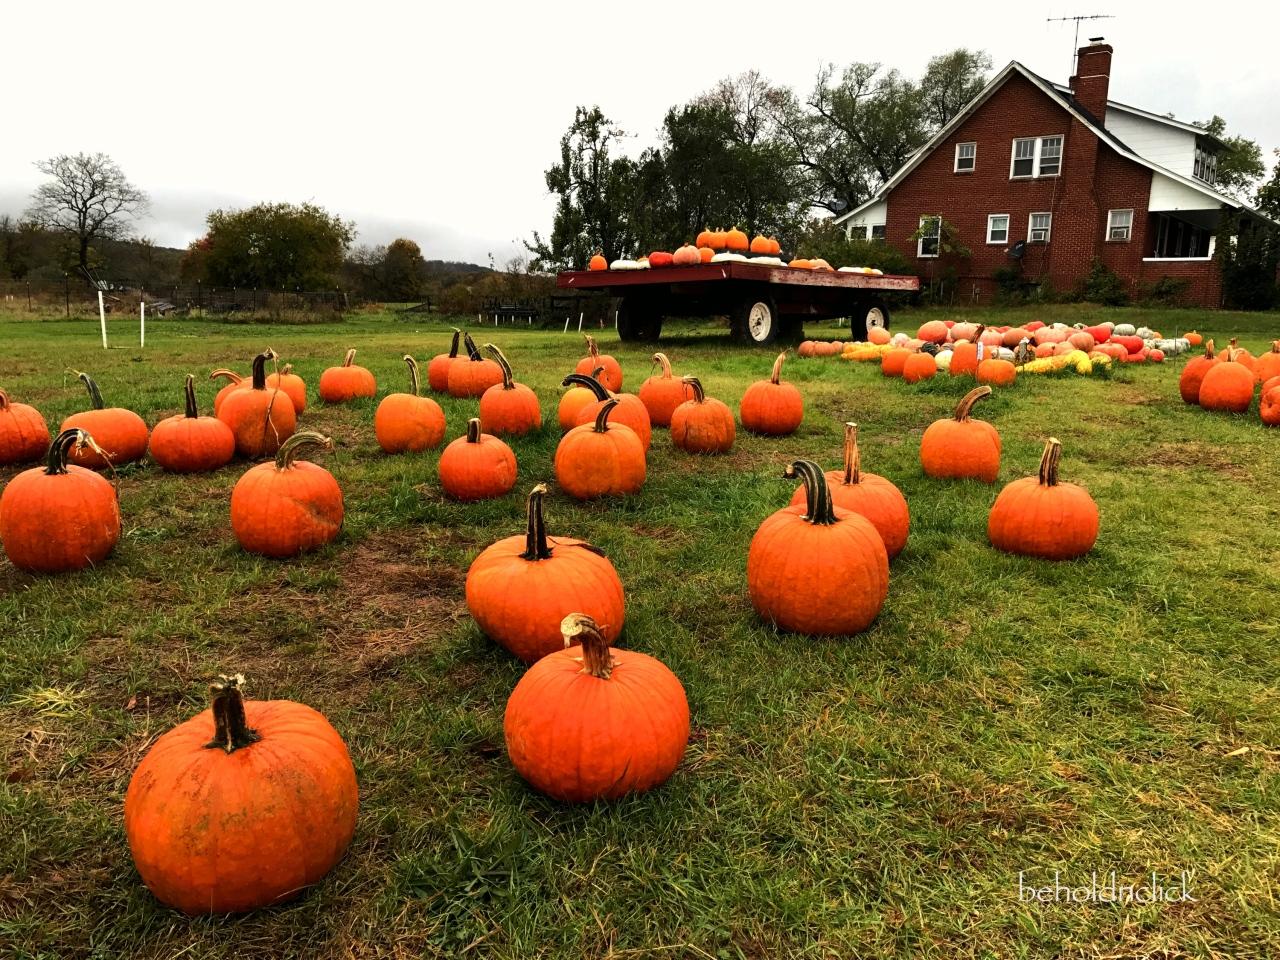 Pumpkin Patch at Loudounberry Farm & Garden – beholdnclick